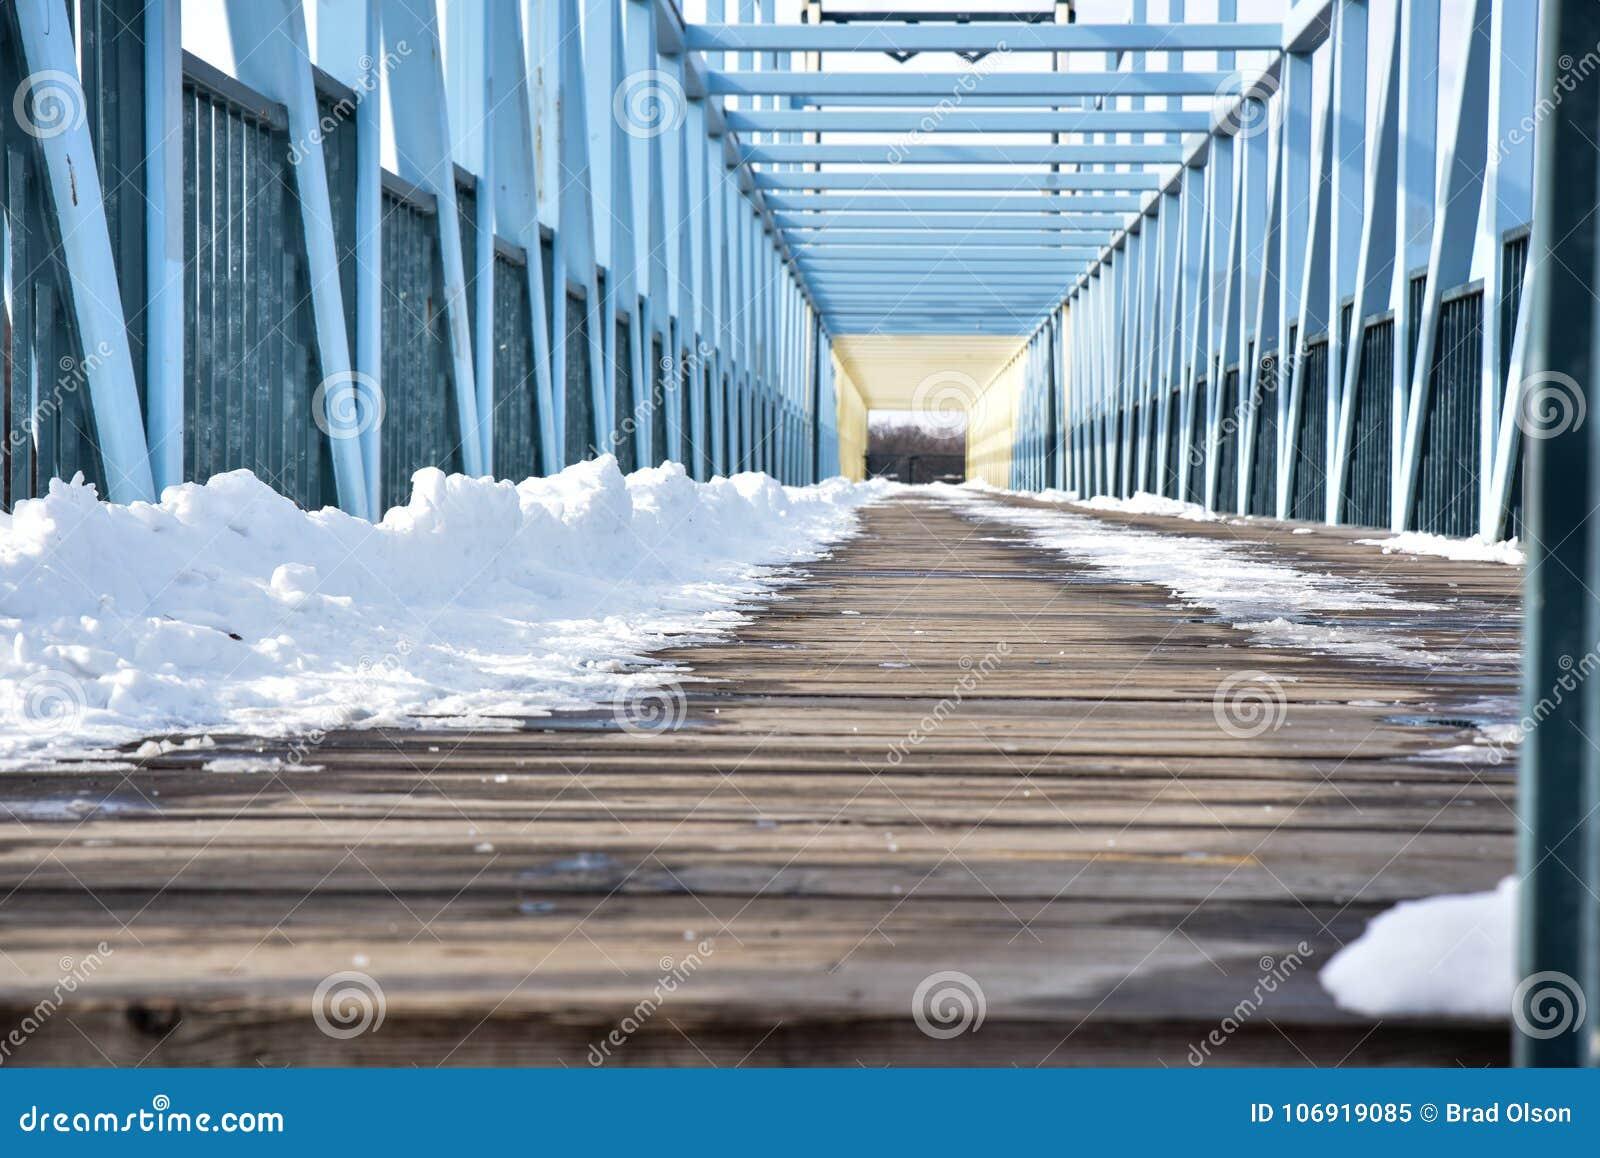 Drewniany zwyczajny Footbridge nad ulicą w zimie z śniegiem